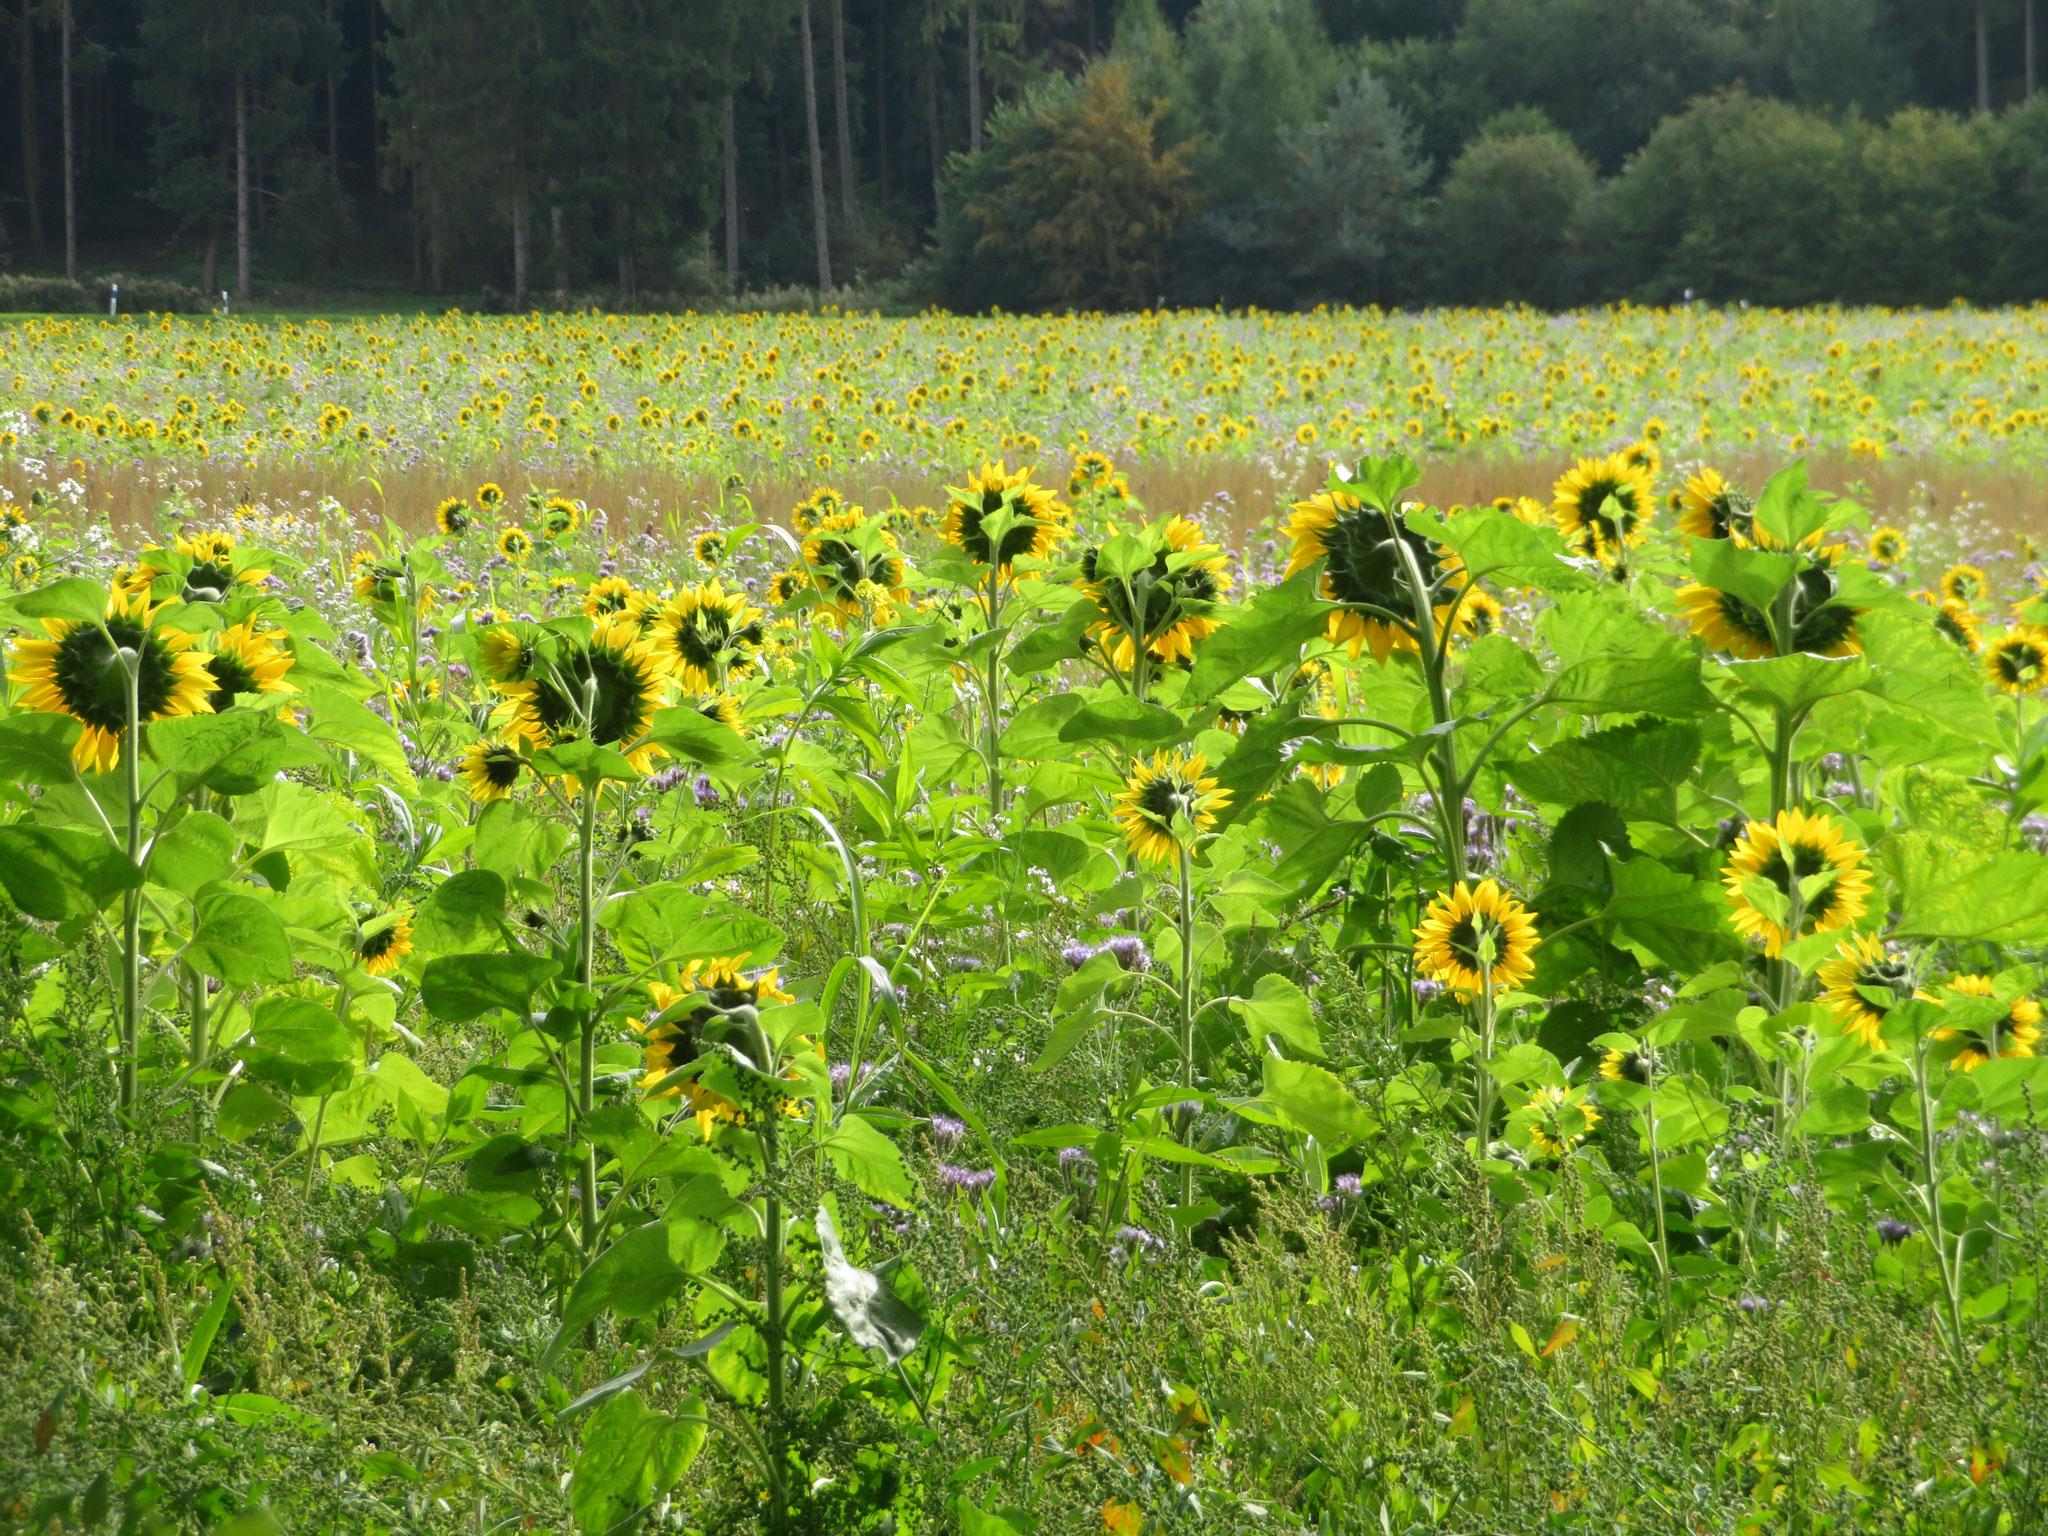 abgewandte Sonnenblumen